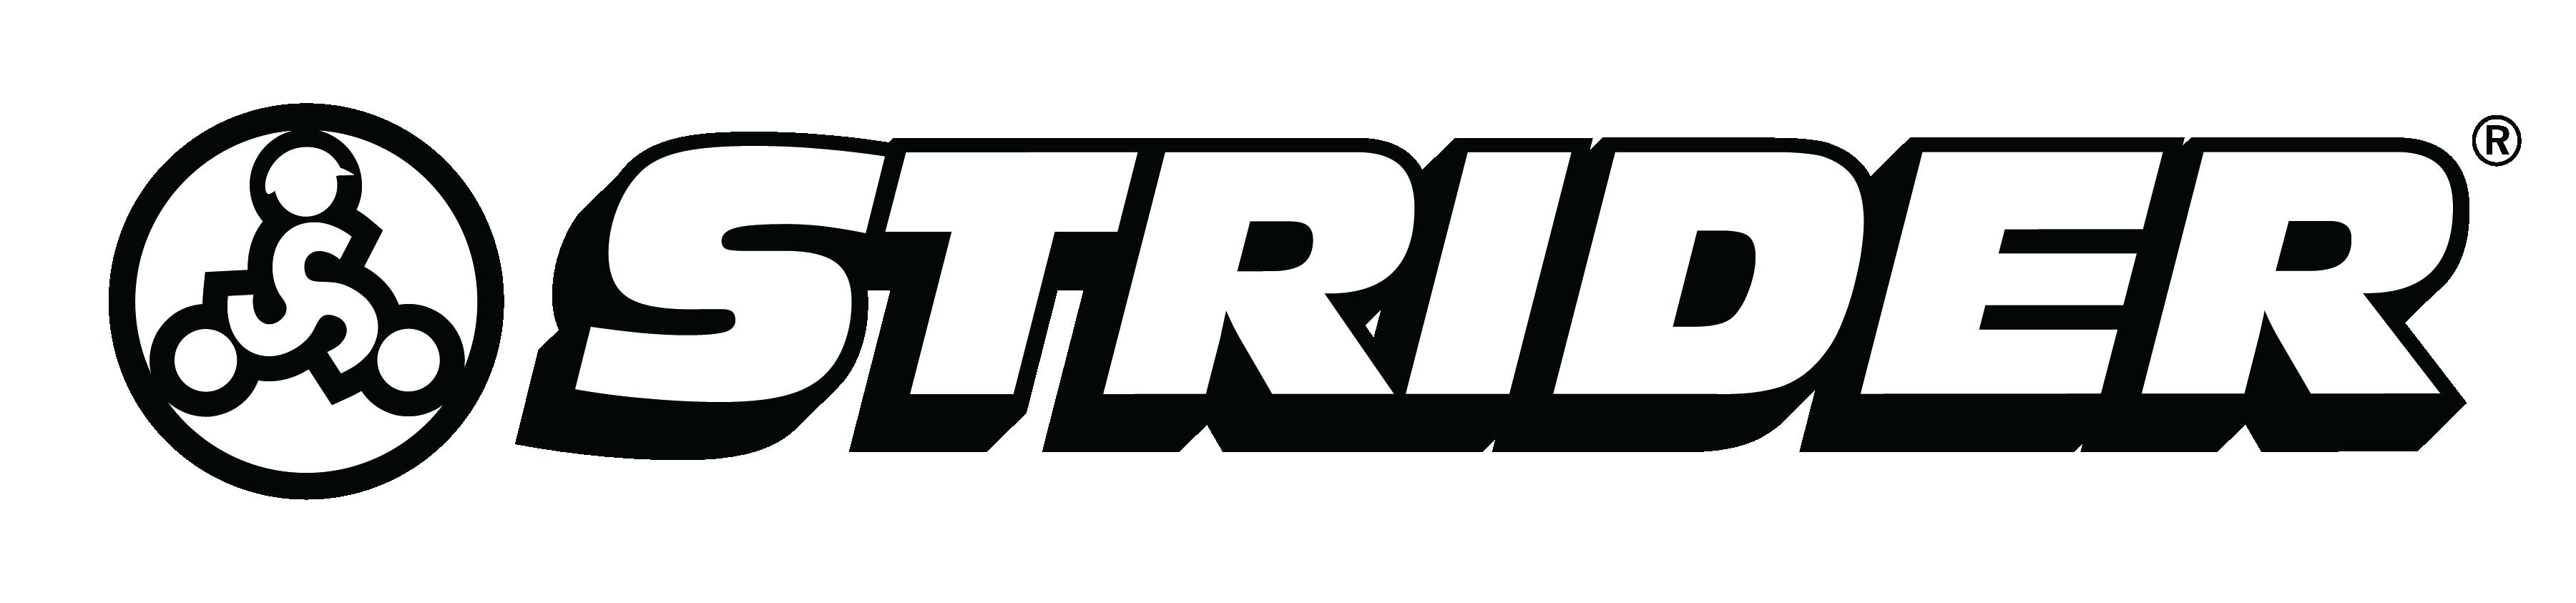 strider-full-logo.png